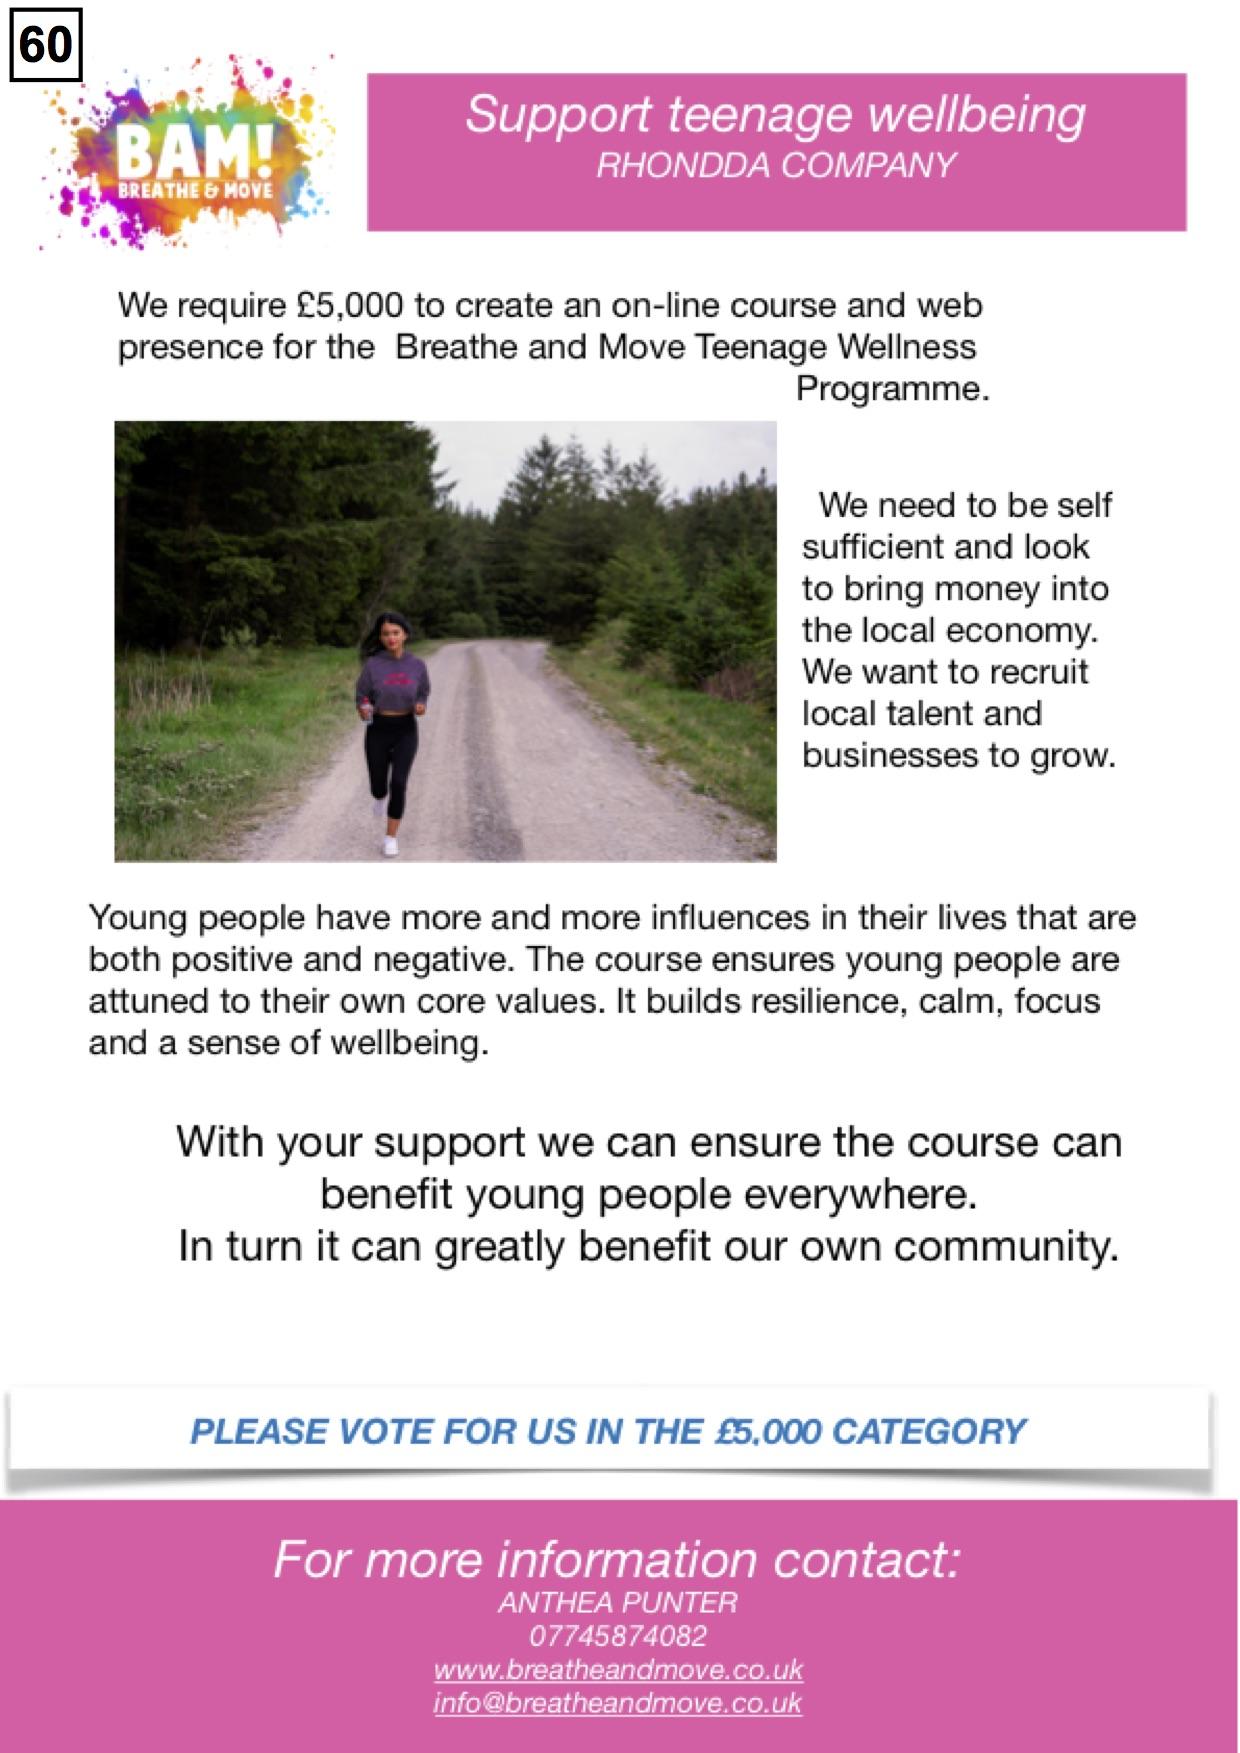 60. BAM - Poster £5000 - 300919